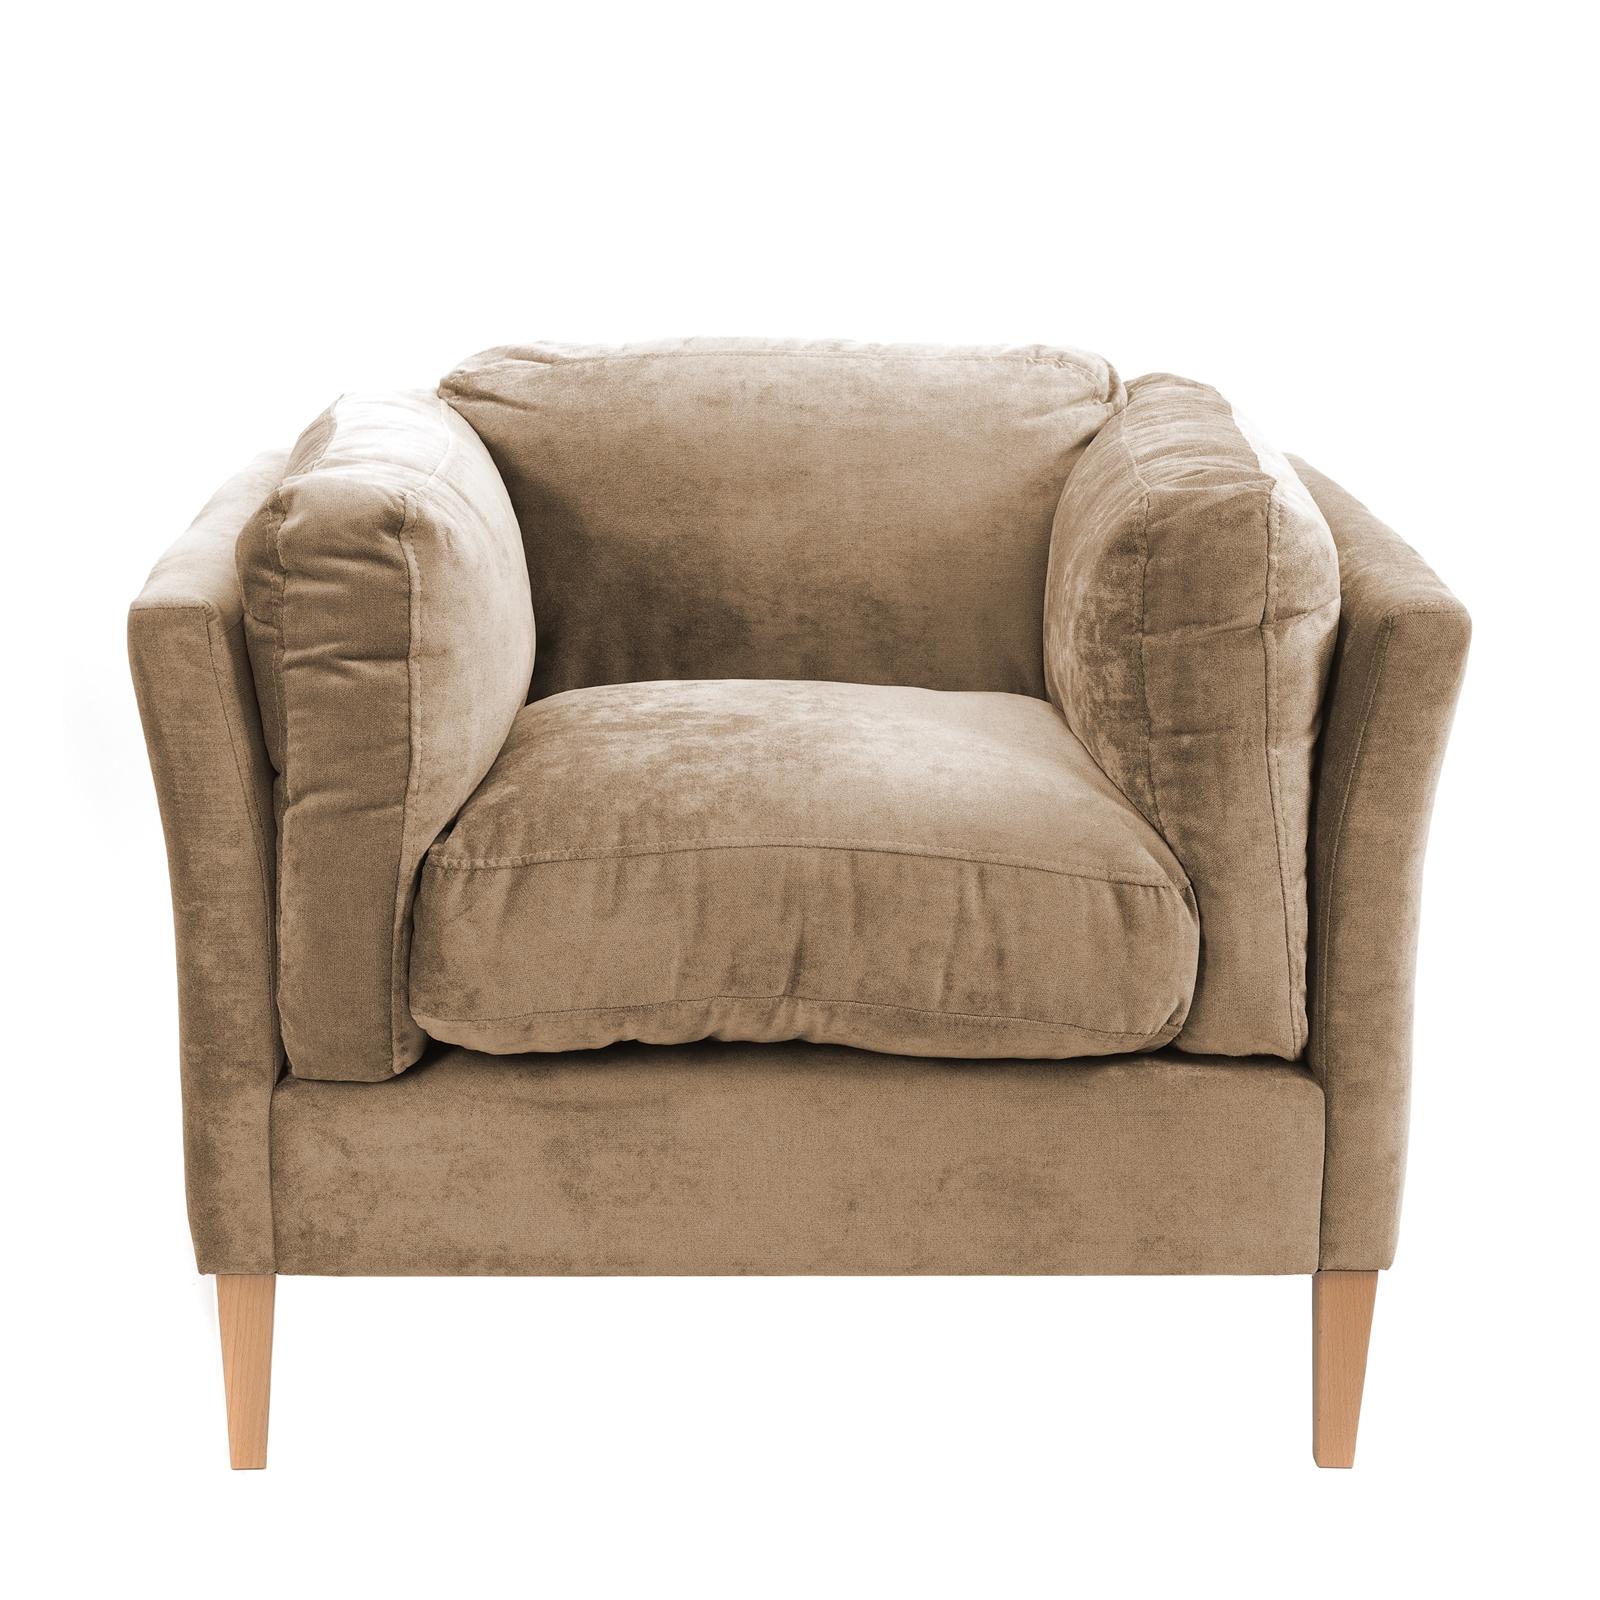 Lounge Kuschel Sessel Relax 94x80x85 Cm Samtbezug Design